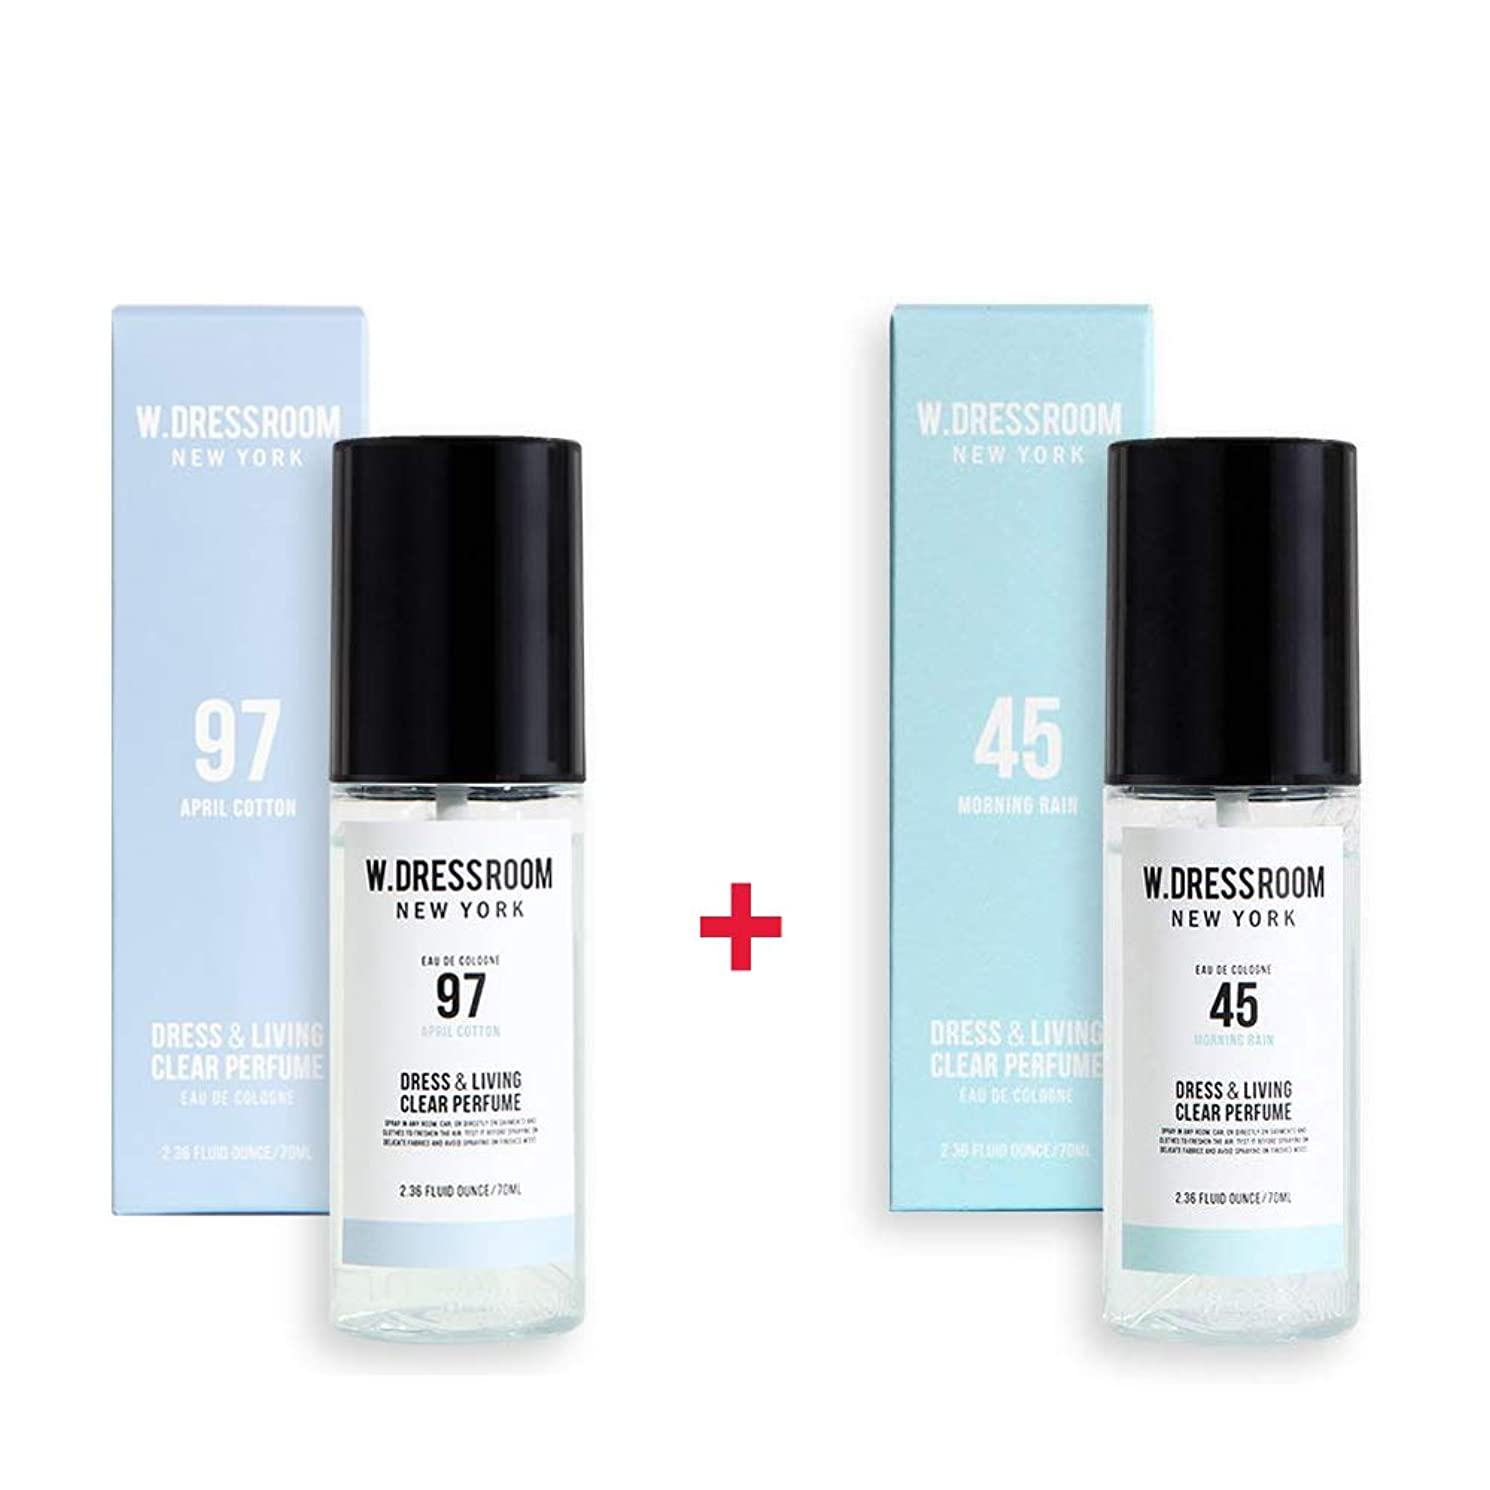 プログラム正当化する湖W.DRESSROOM Dress & Living Clear Perfume 70ml (No 97 April Cotton)+(No 45 Morning Rain)